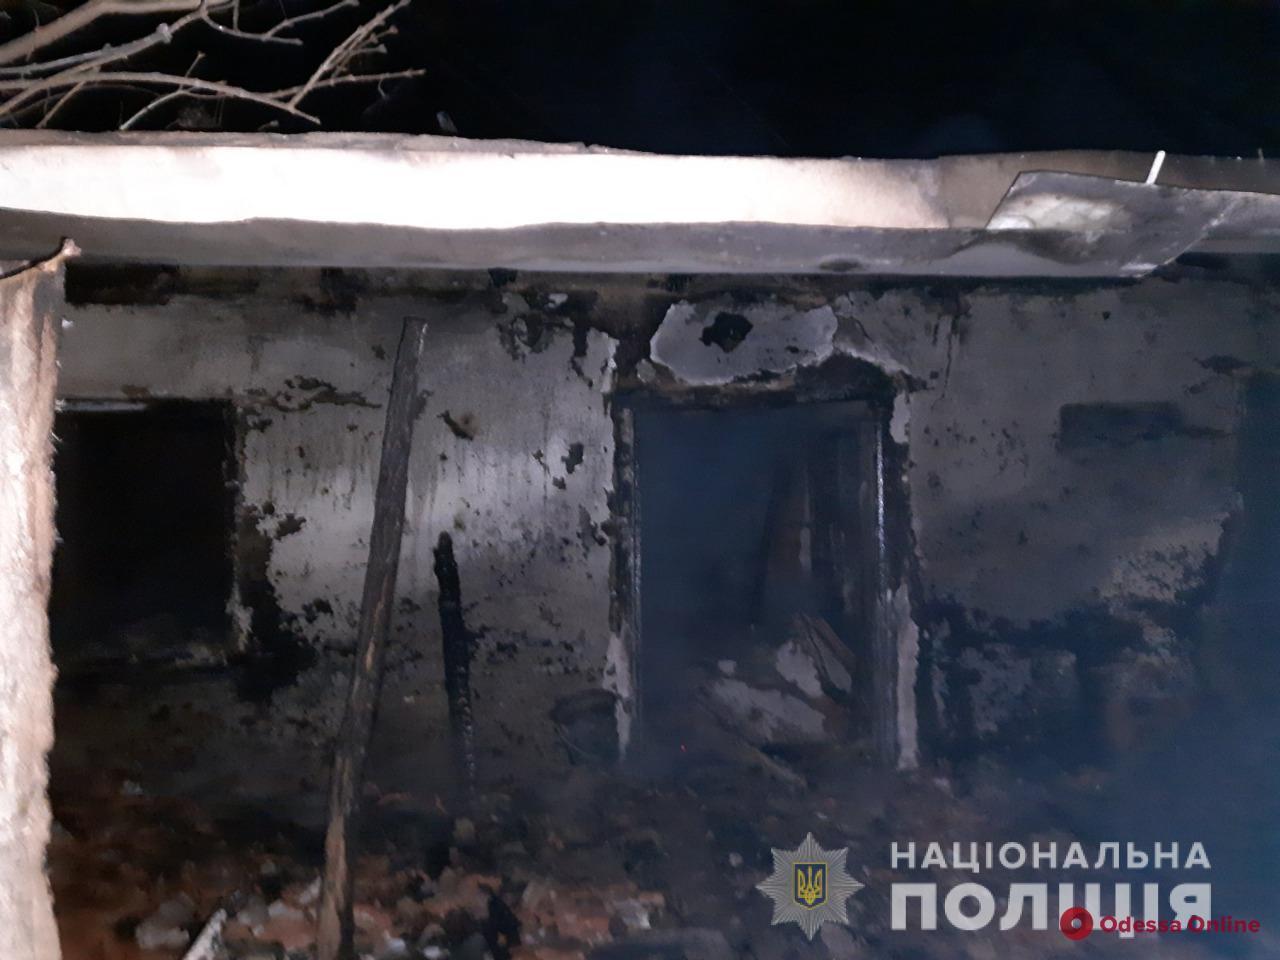 В Одесской области во время пожара погиб 2-летний ребенок (обновлено)